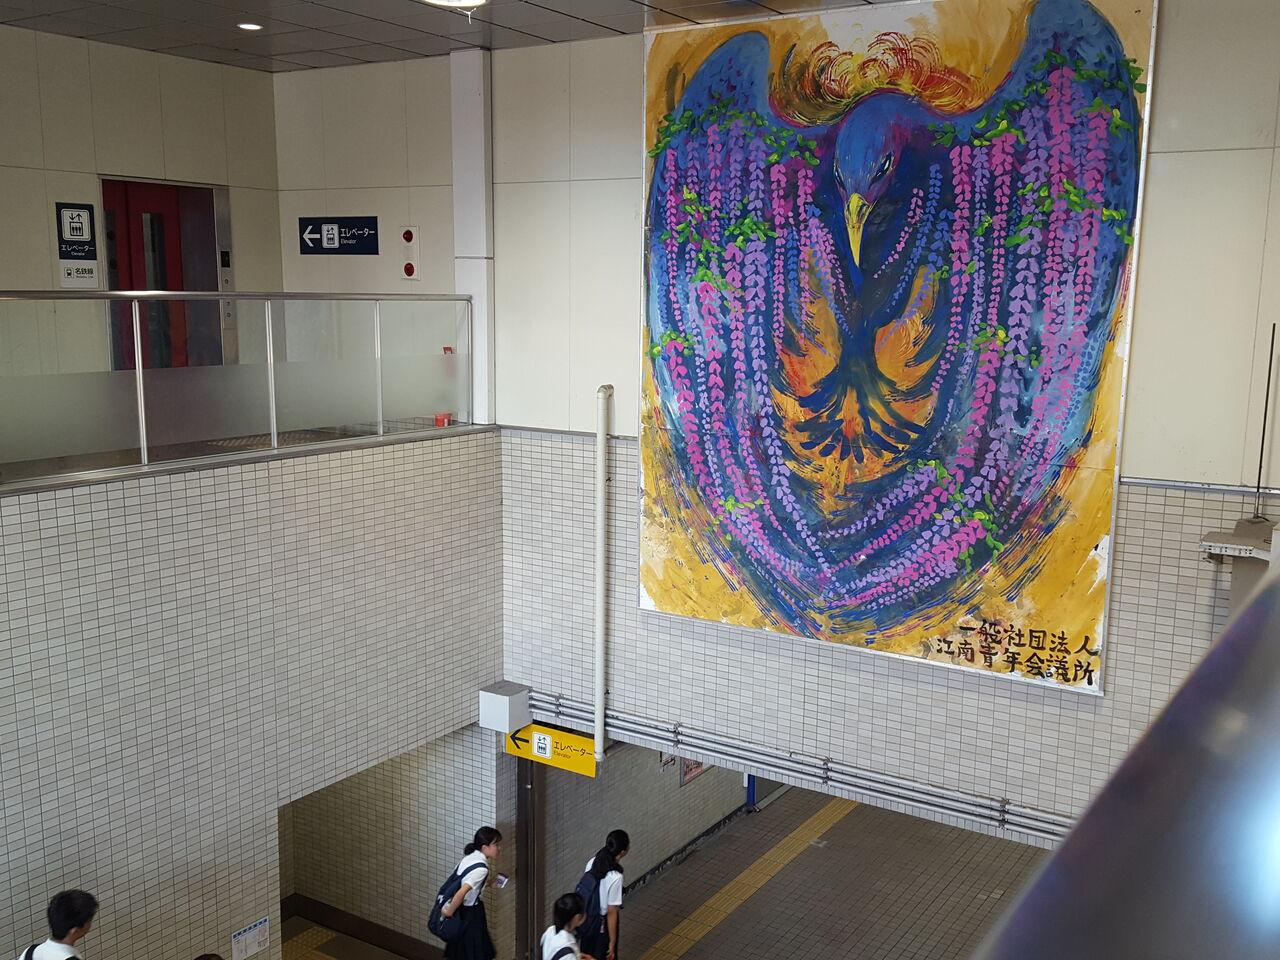 江南駅にはJCによる町づくりを願ったジャンボパネルが掲げられている 撮影・たかのぶ